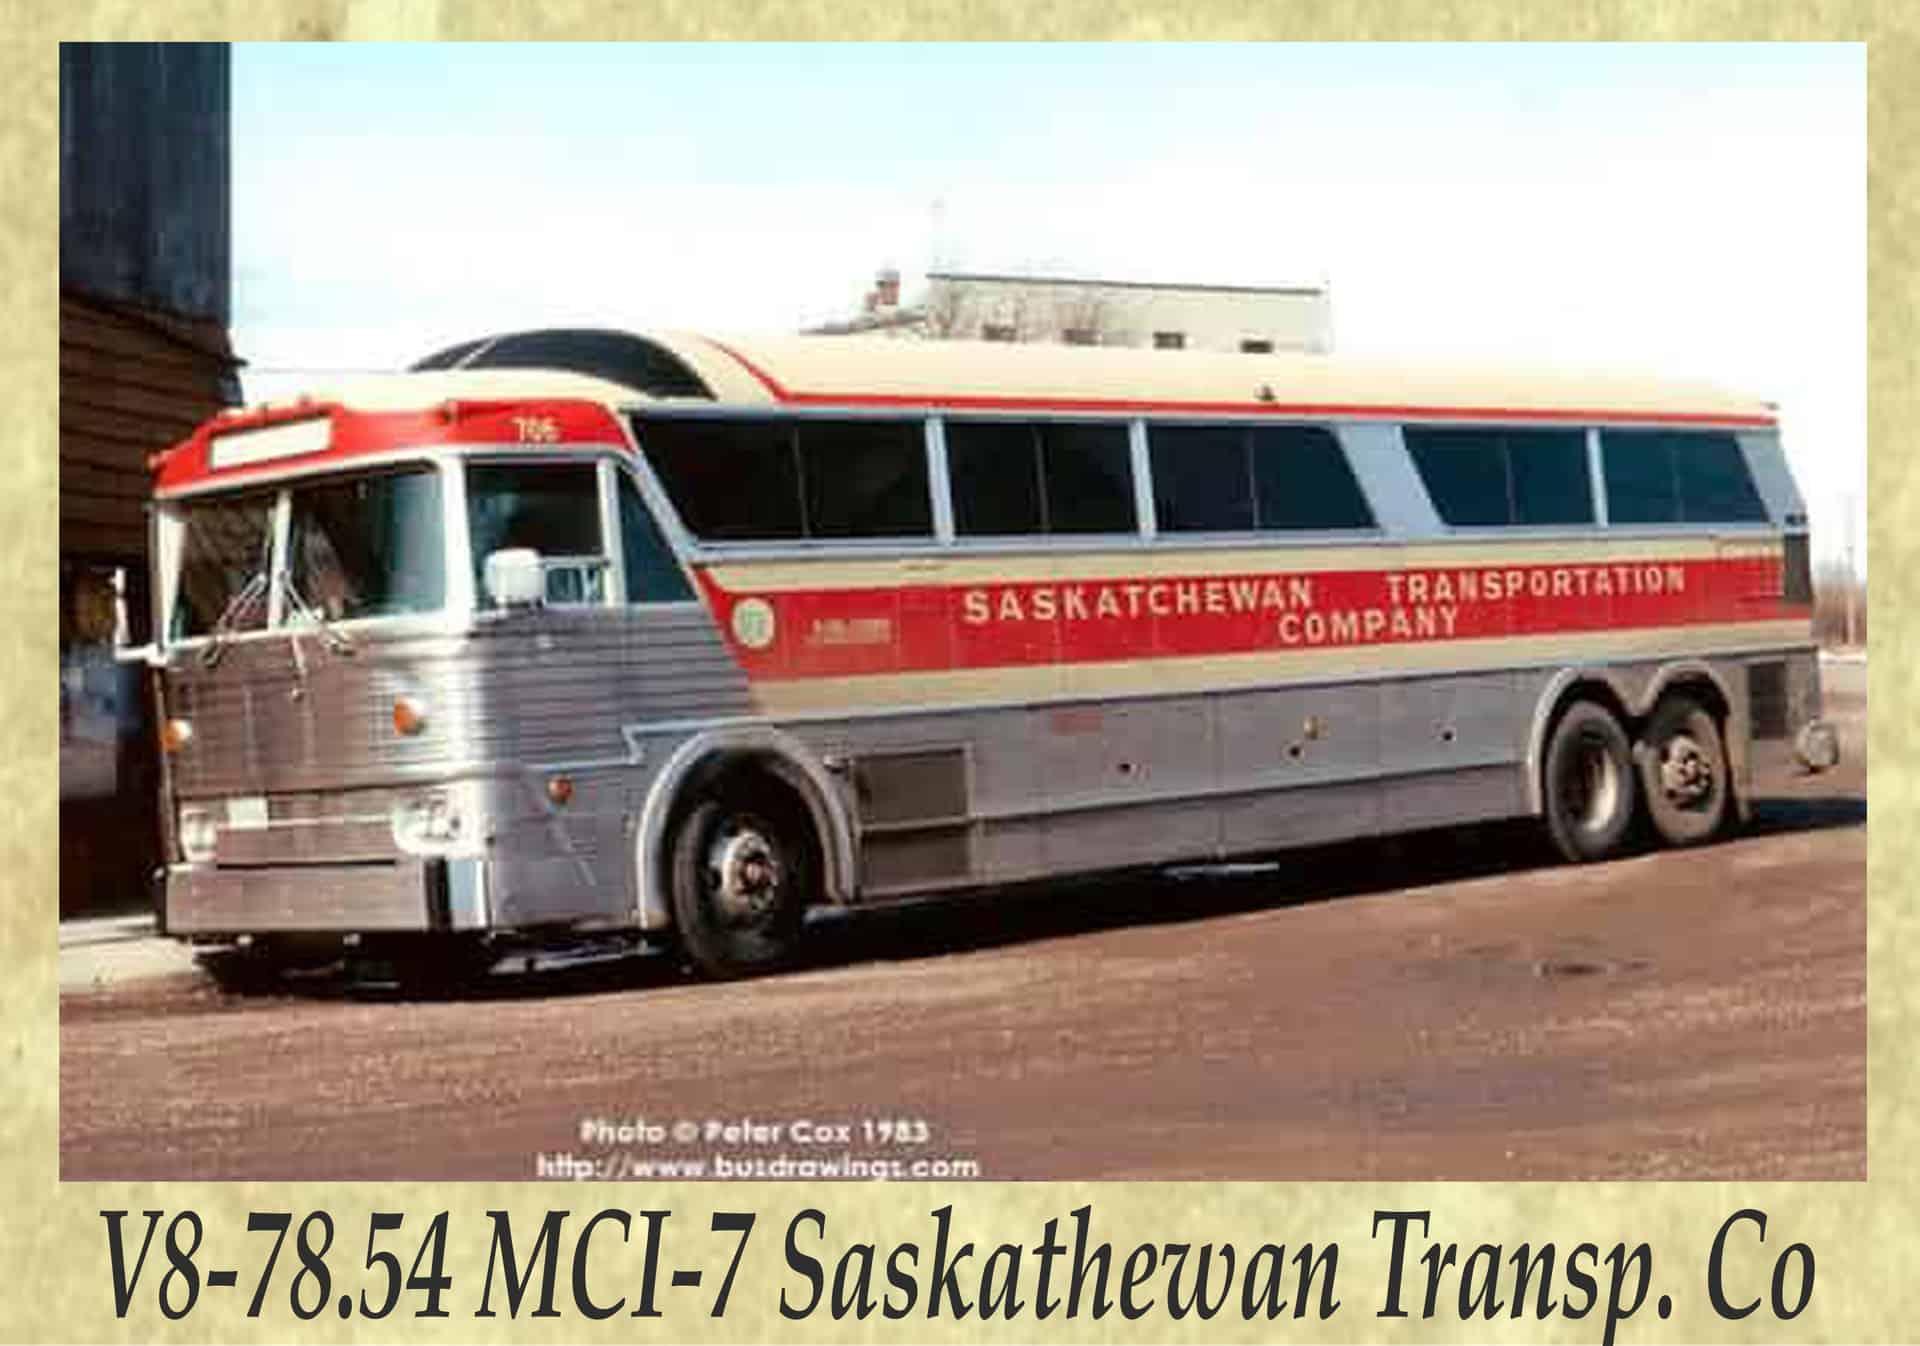 V8-78.54 MCI-7 Saskathewan Transp. Co